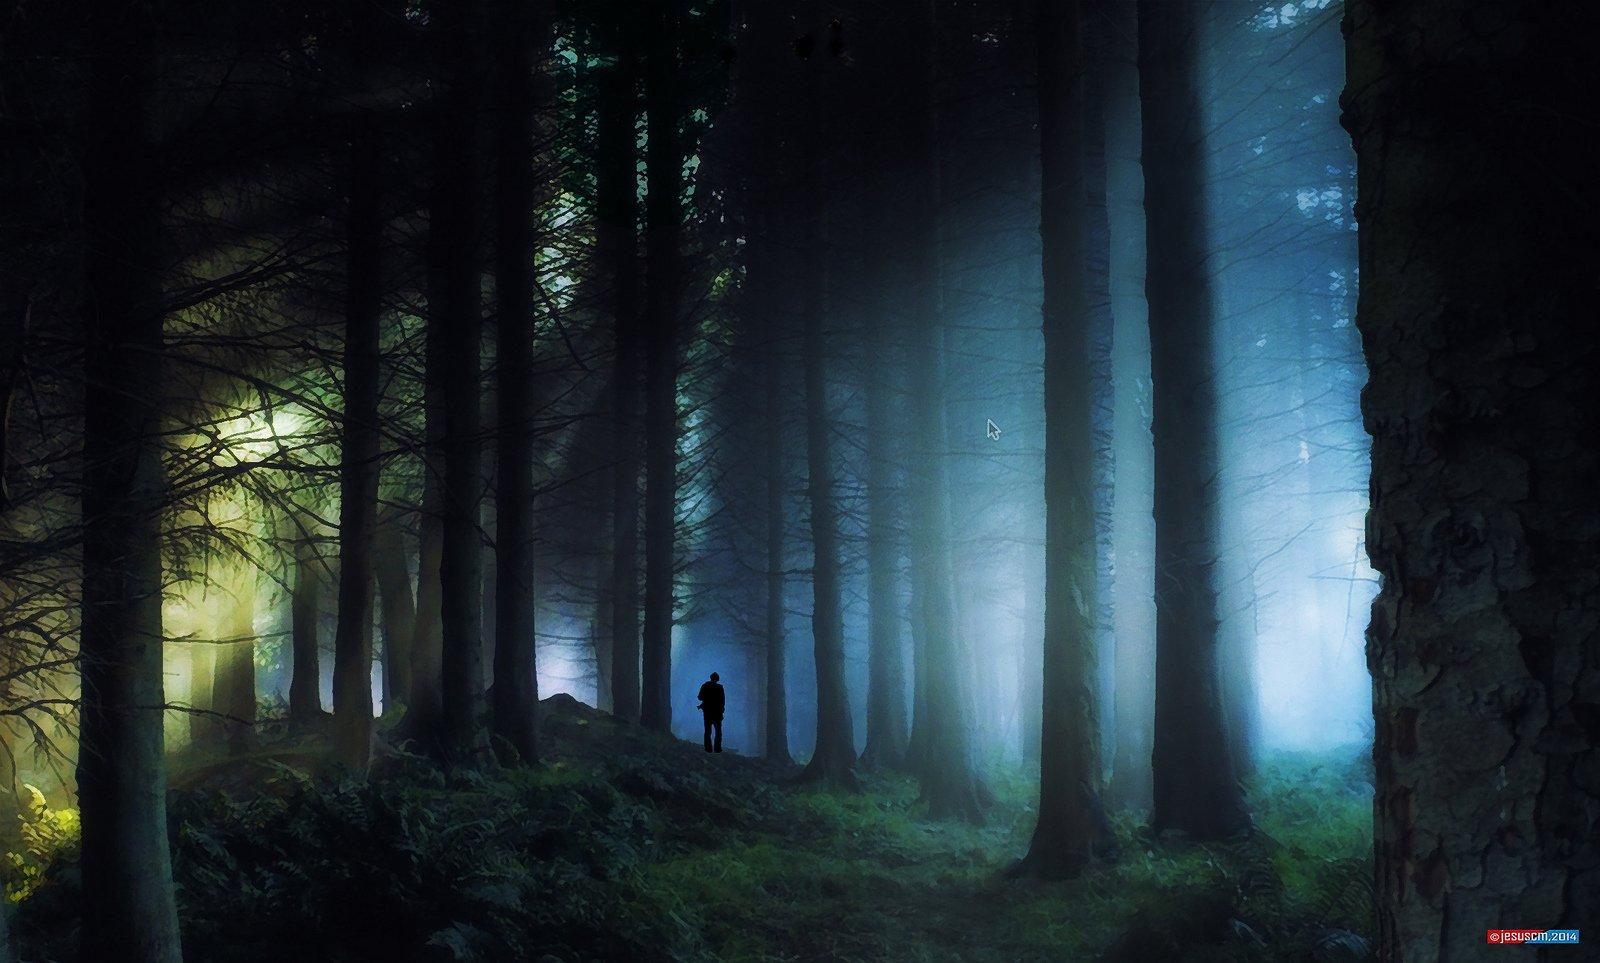 Dark forest landscapes